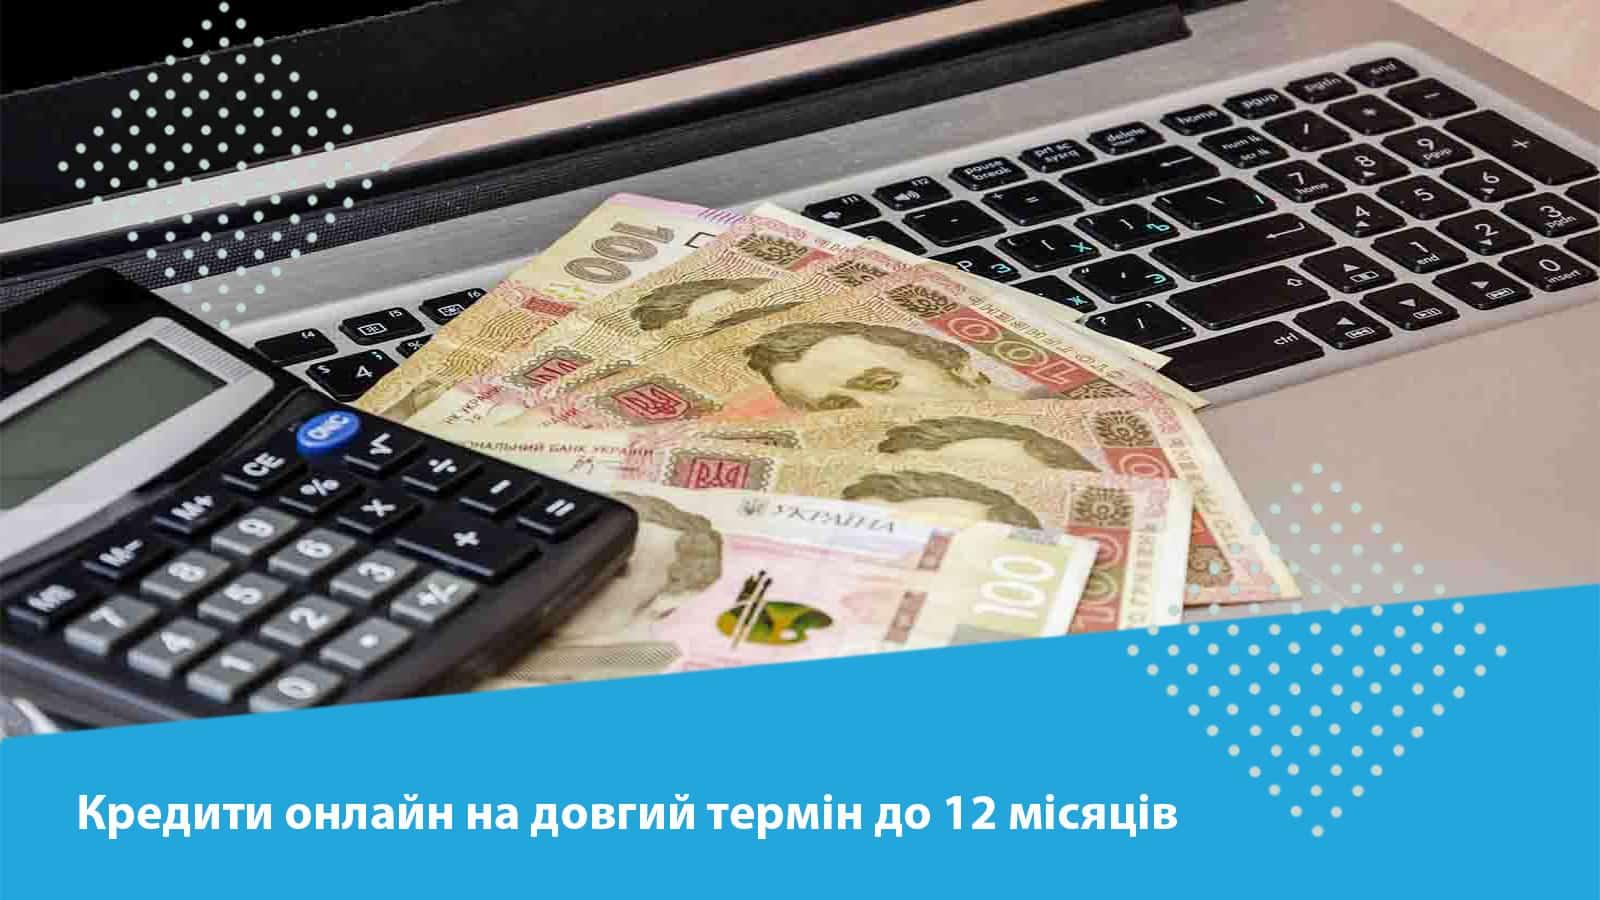 гроші і комп'ютер